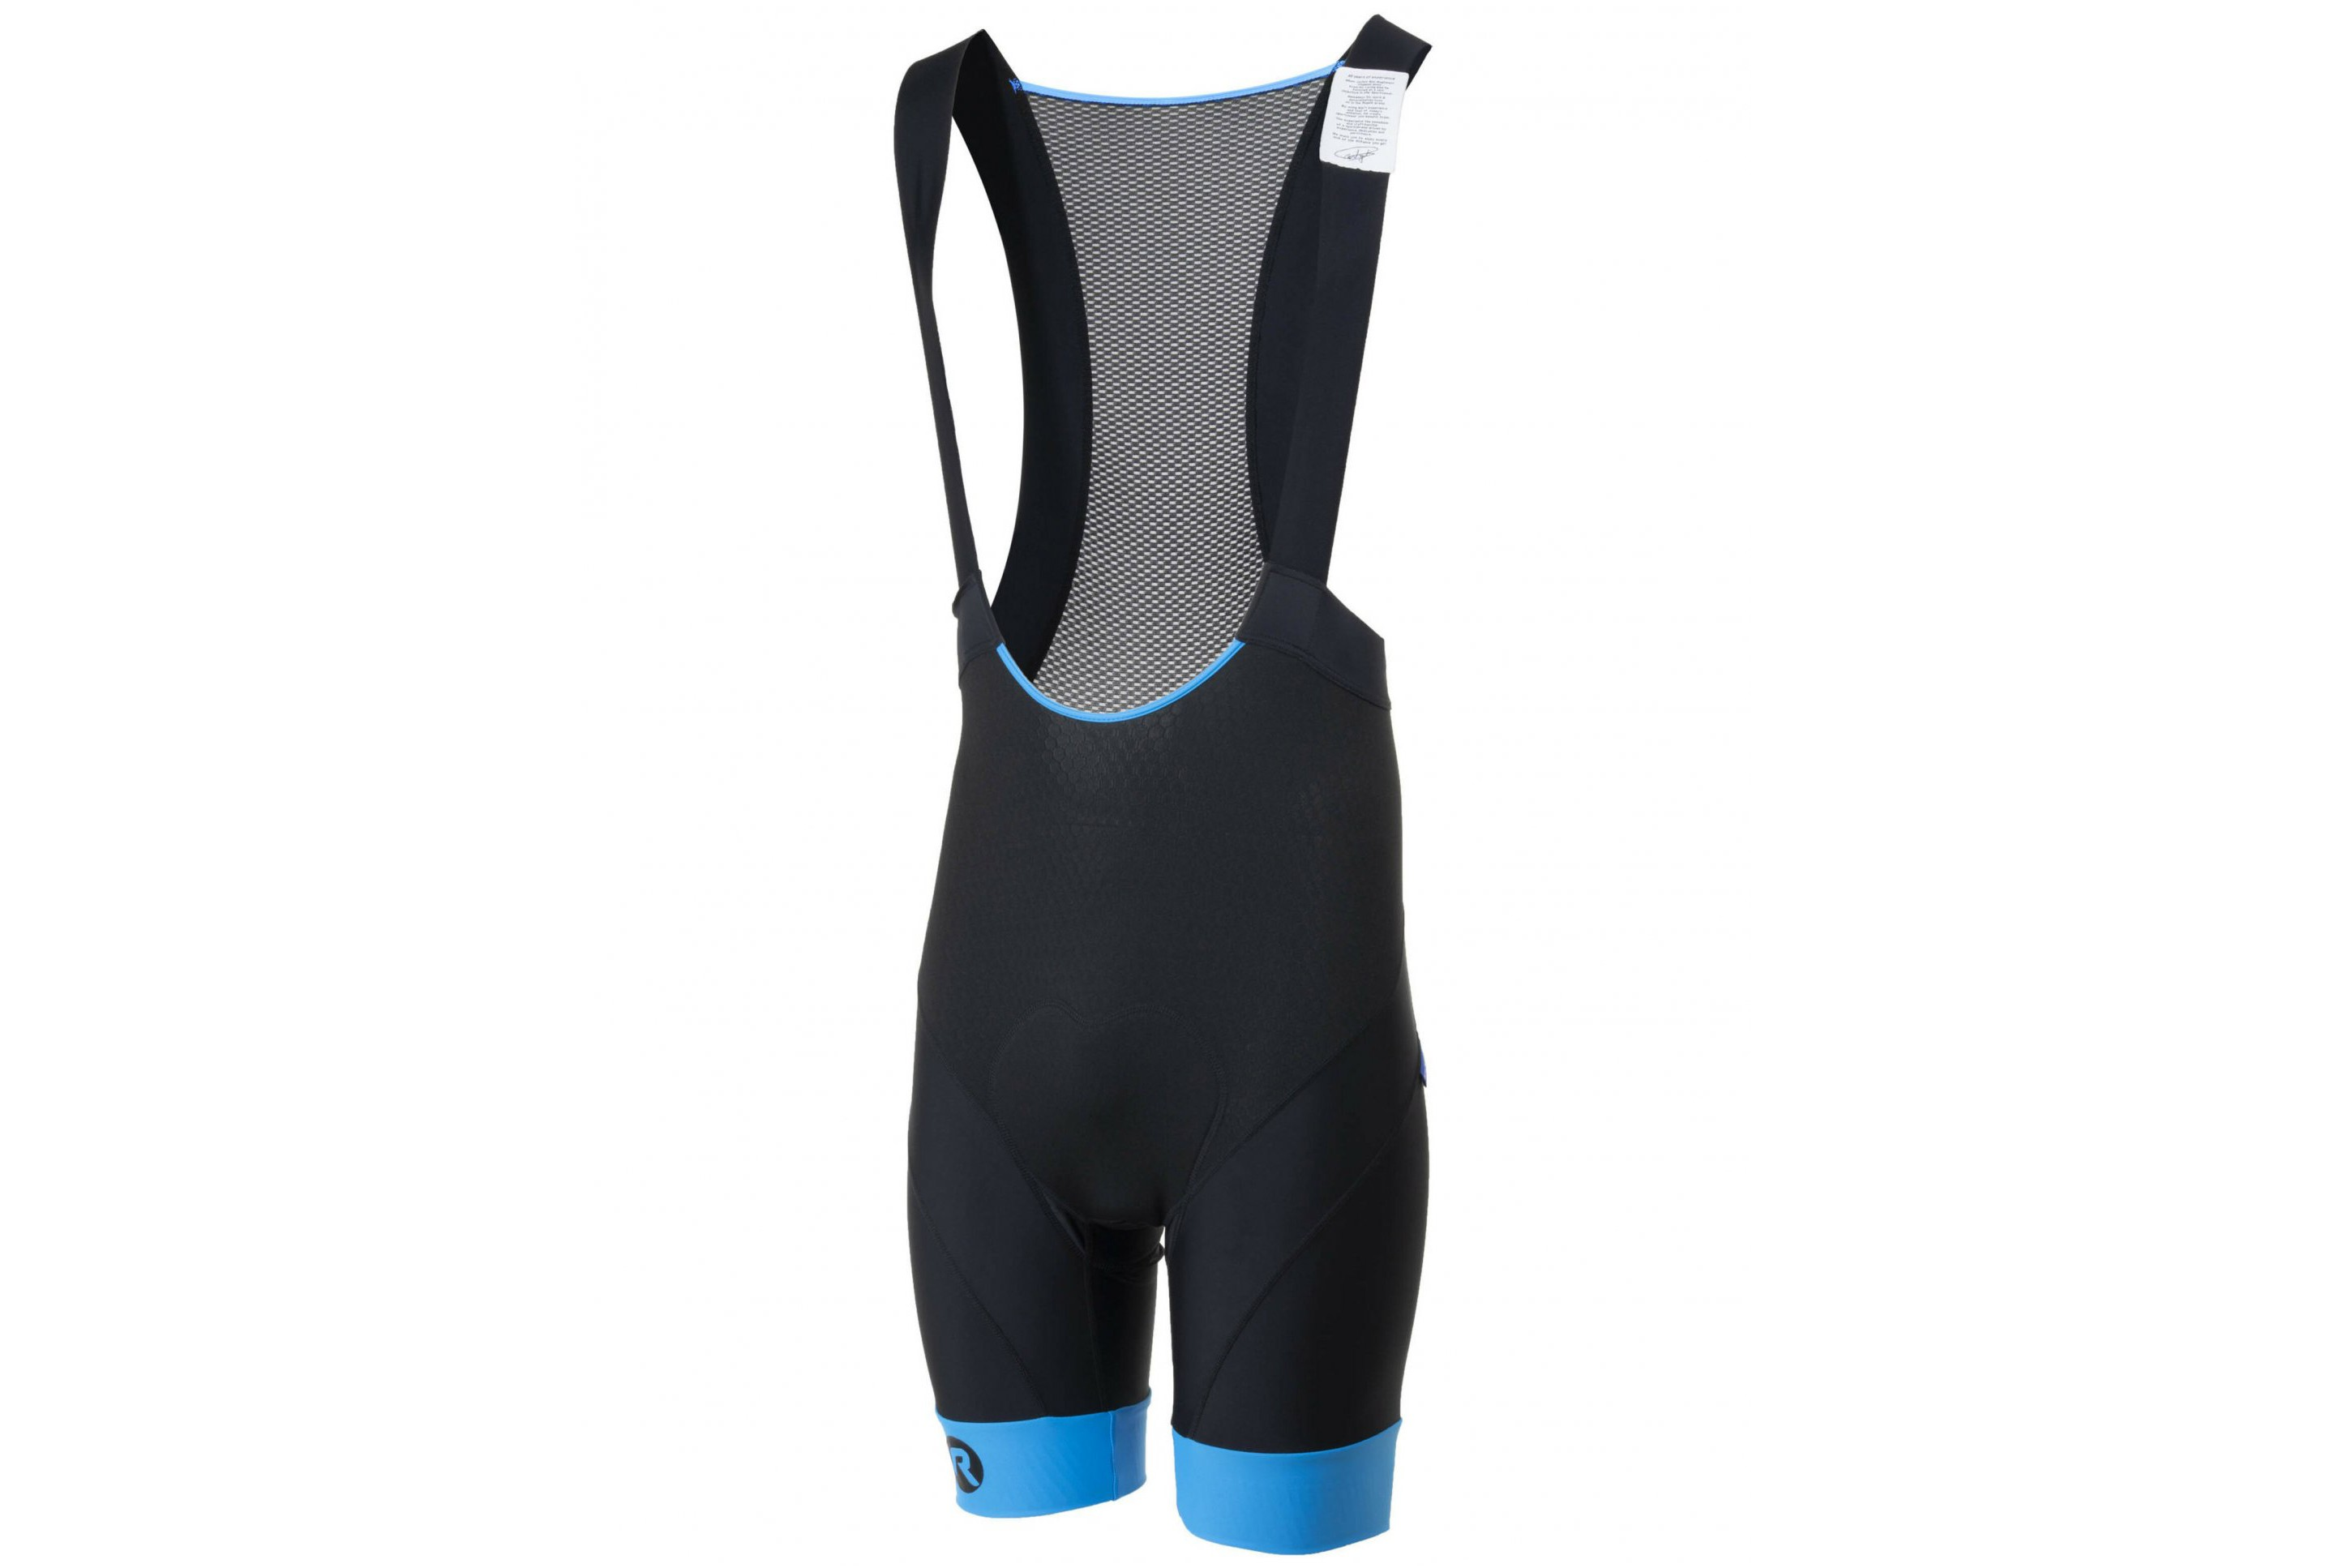 Spodenki kolarskie ROGELLI RAPID z szelkami + wkładka żel, L czarno-niebieskie